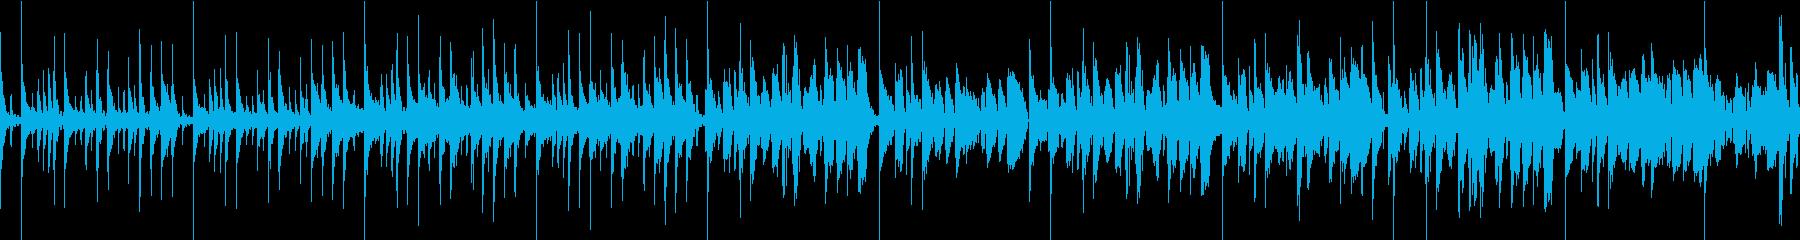 疾走感のあるドラムンベース風BGMの再生済みの波形